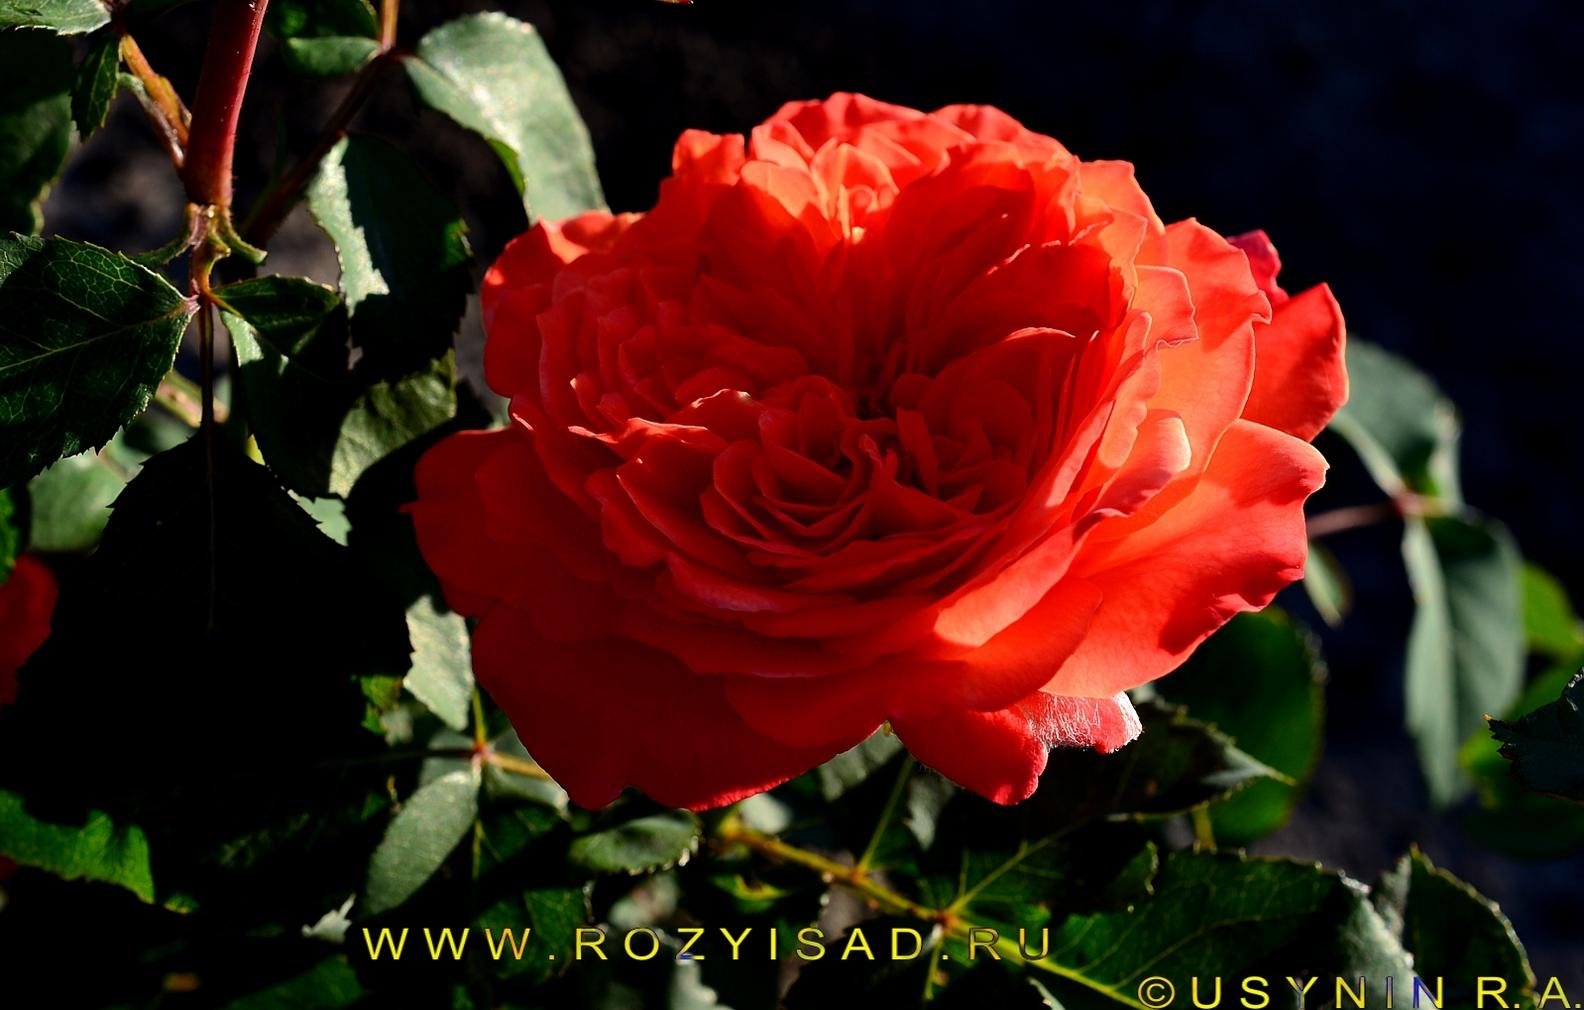 Фото цветка Салита в роспуске